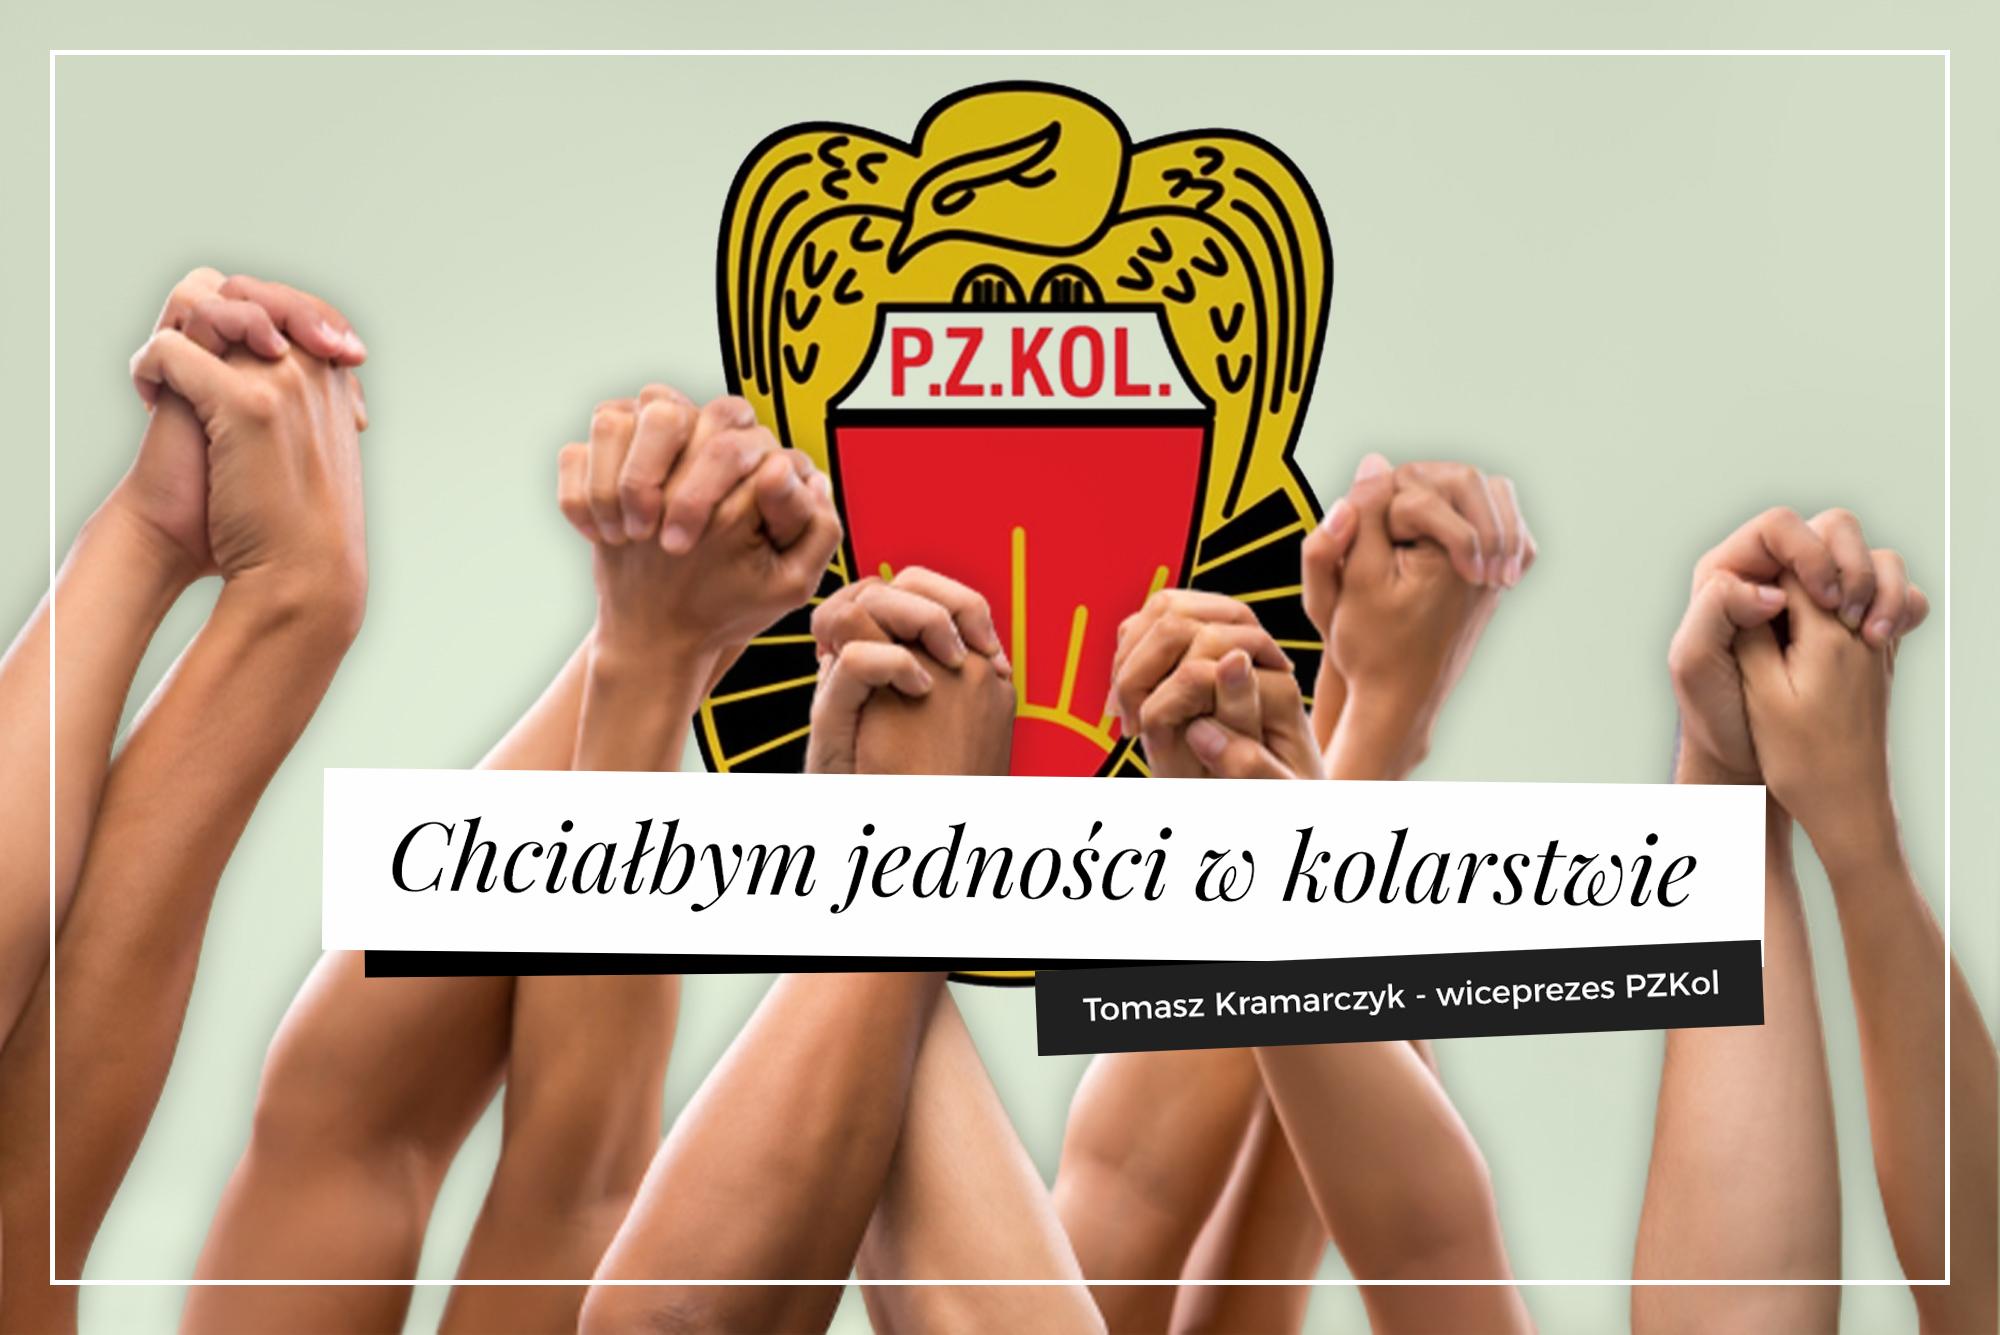 Wiceprezes PZKol Tomasz Kramaczyk: Na urodziny chciałbym jedności w kolarstwie